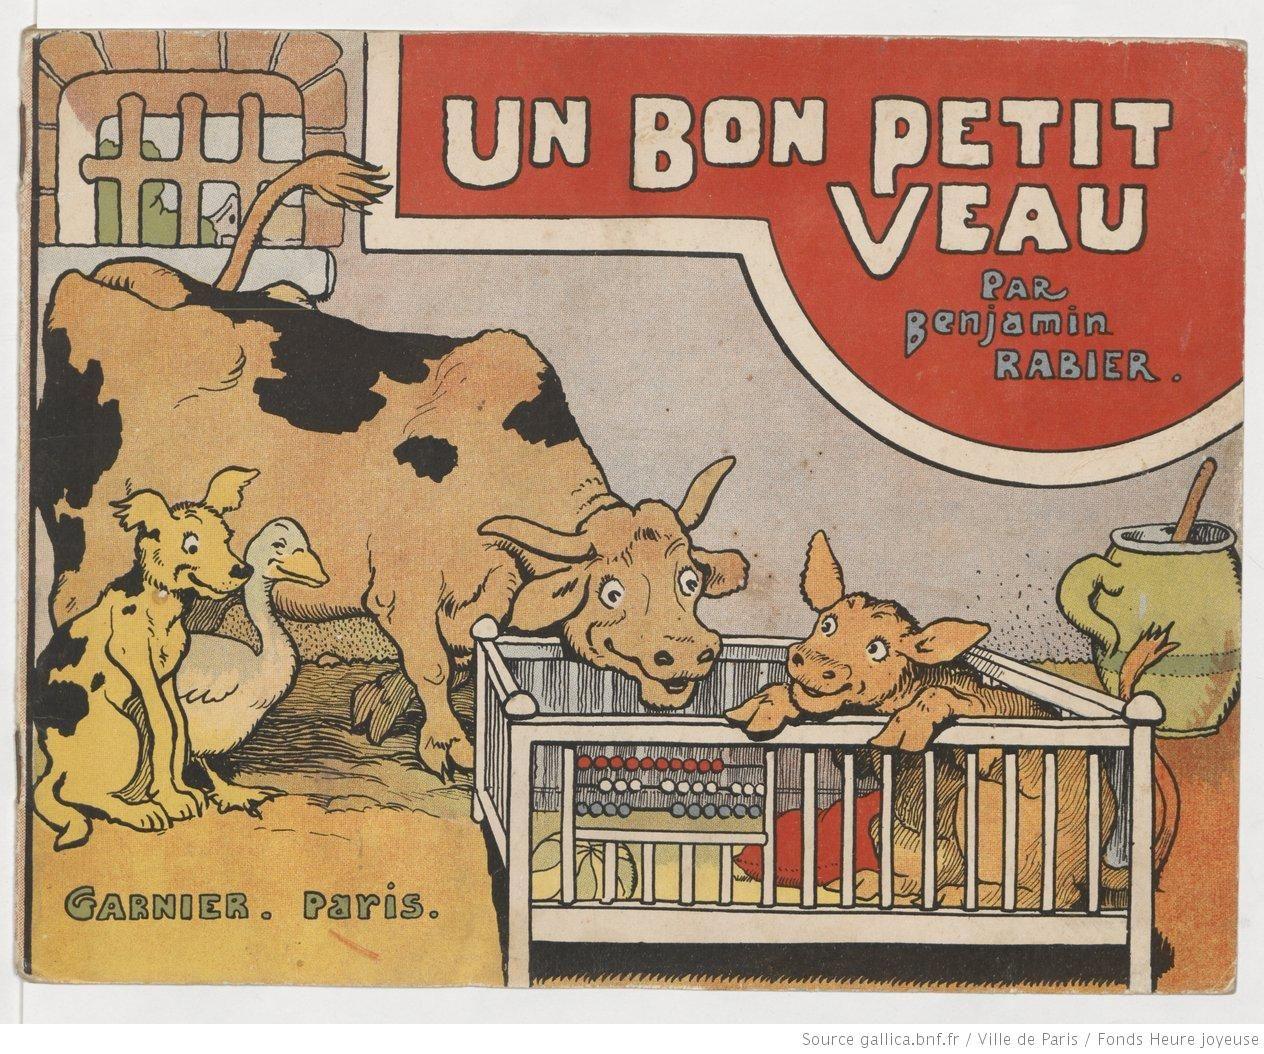 Un bon petit veau par benjamin rabier collections num ris es dans gallica fonds heure - Coloriage petit veau ...